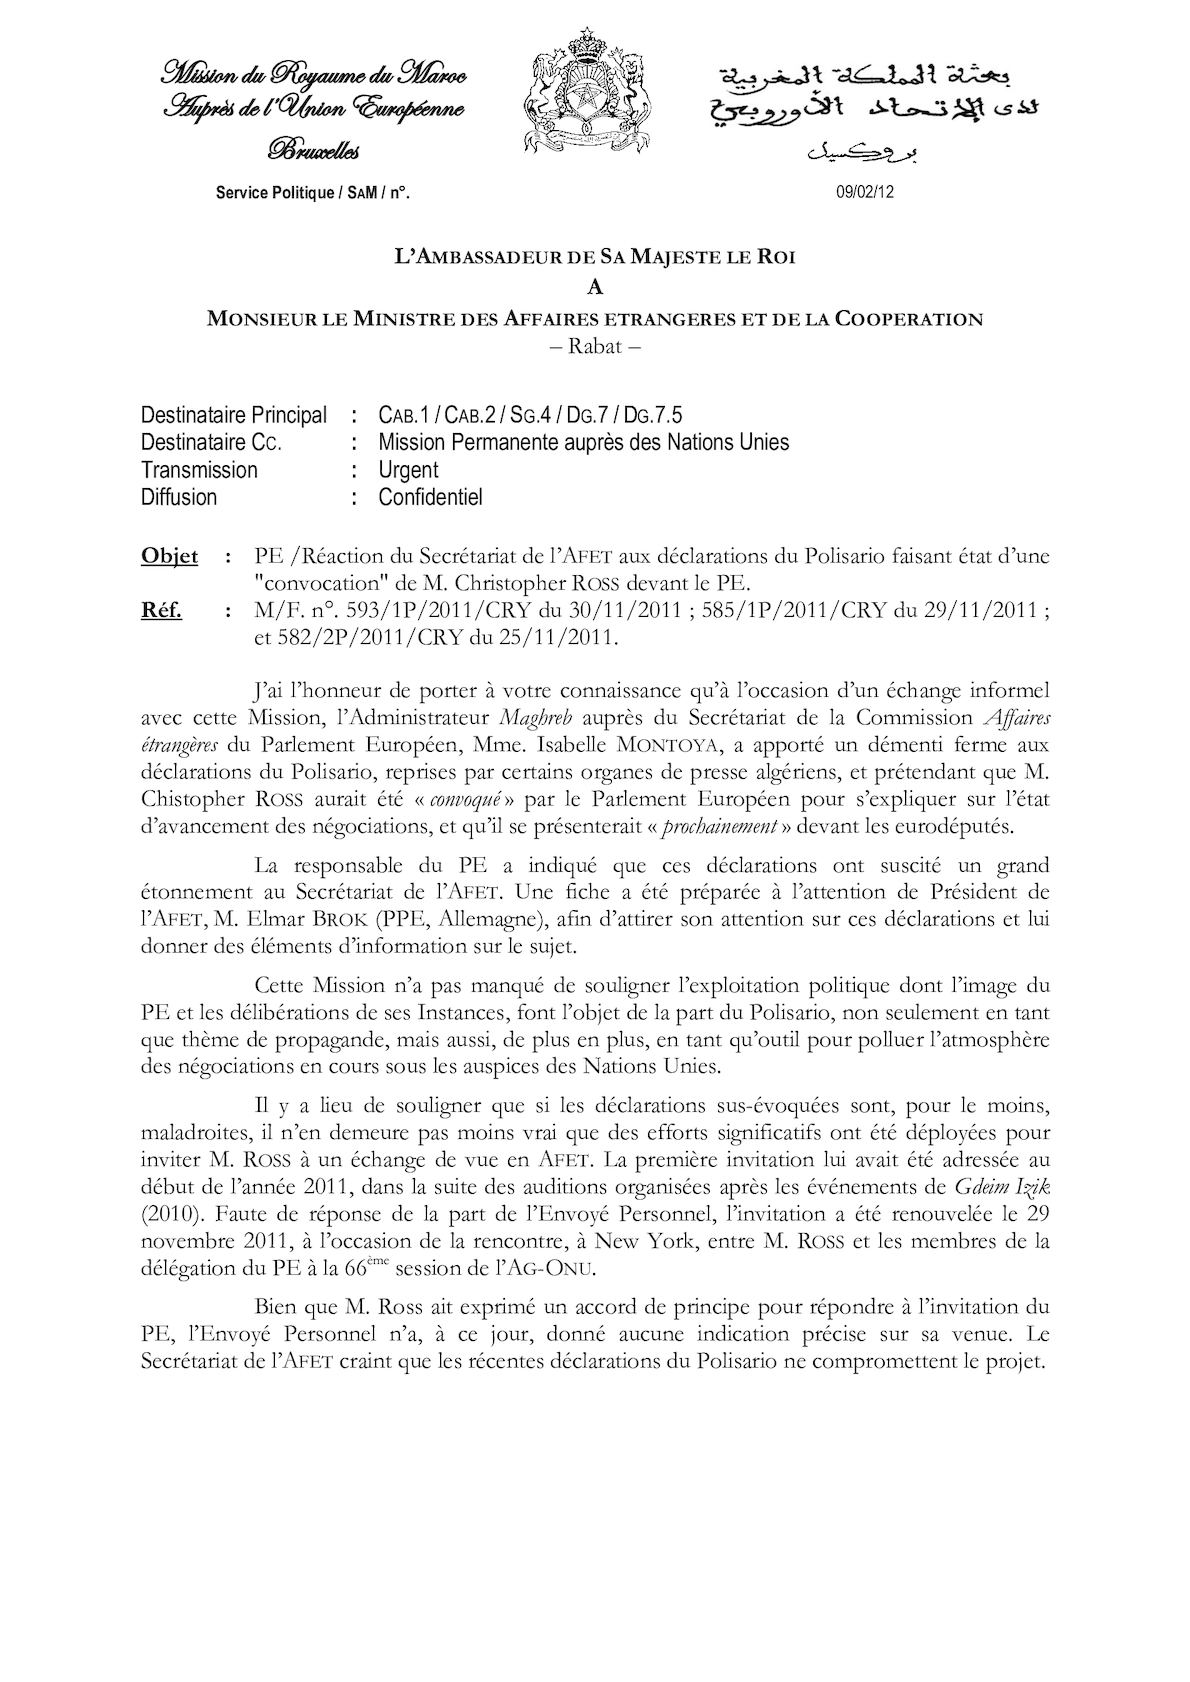 Réaction Du Secrétariat De L'AFET Aux Déclarations Du Polisario Faisant état D'une Convocation De M. Christopher ROSS Devant Le PE